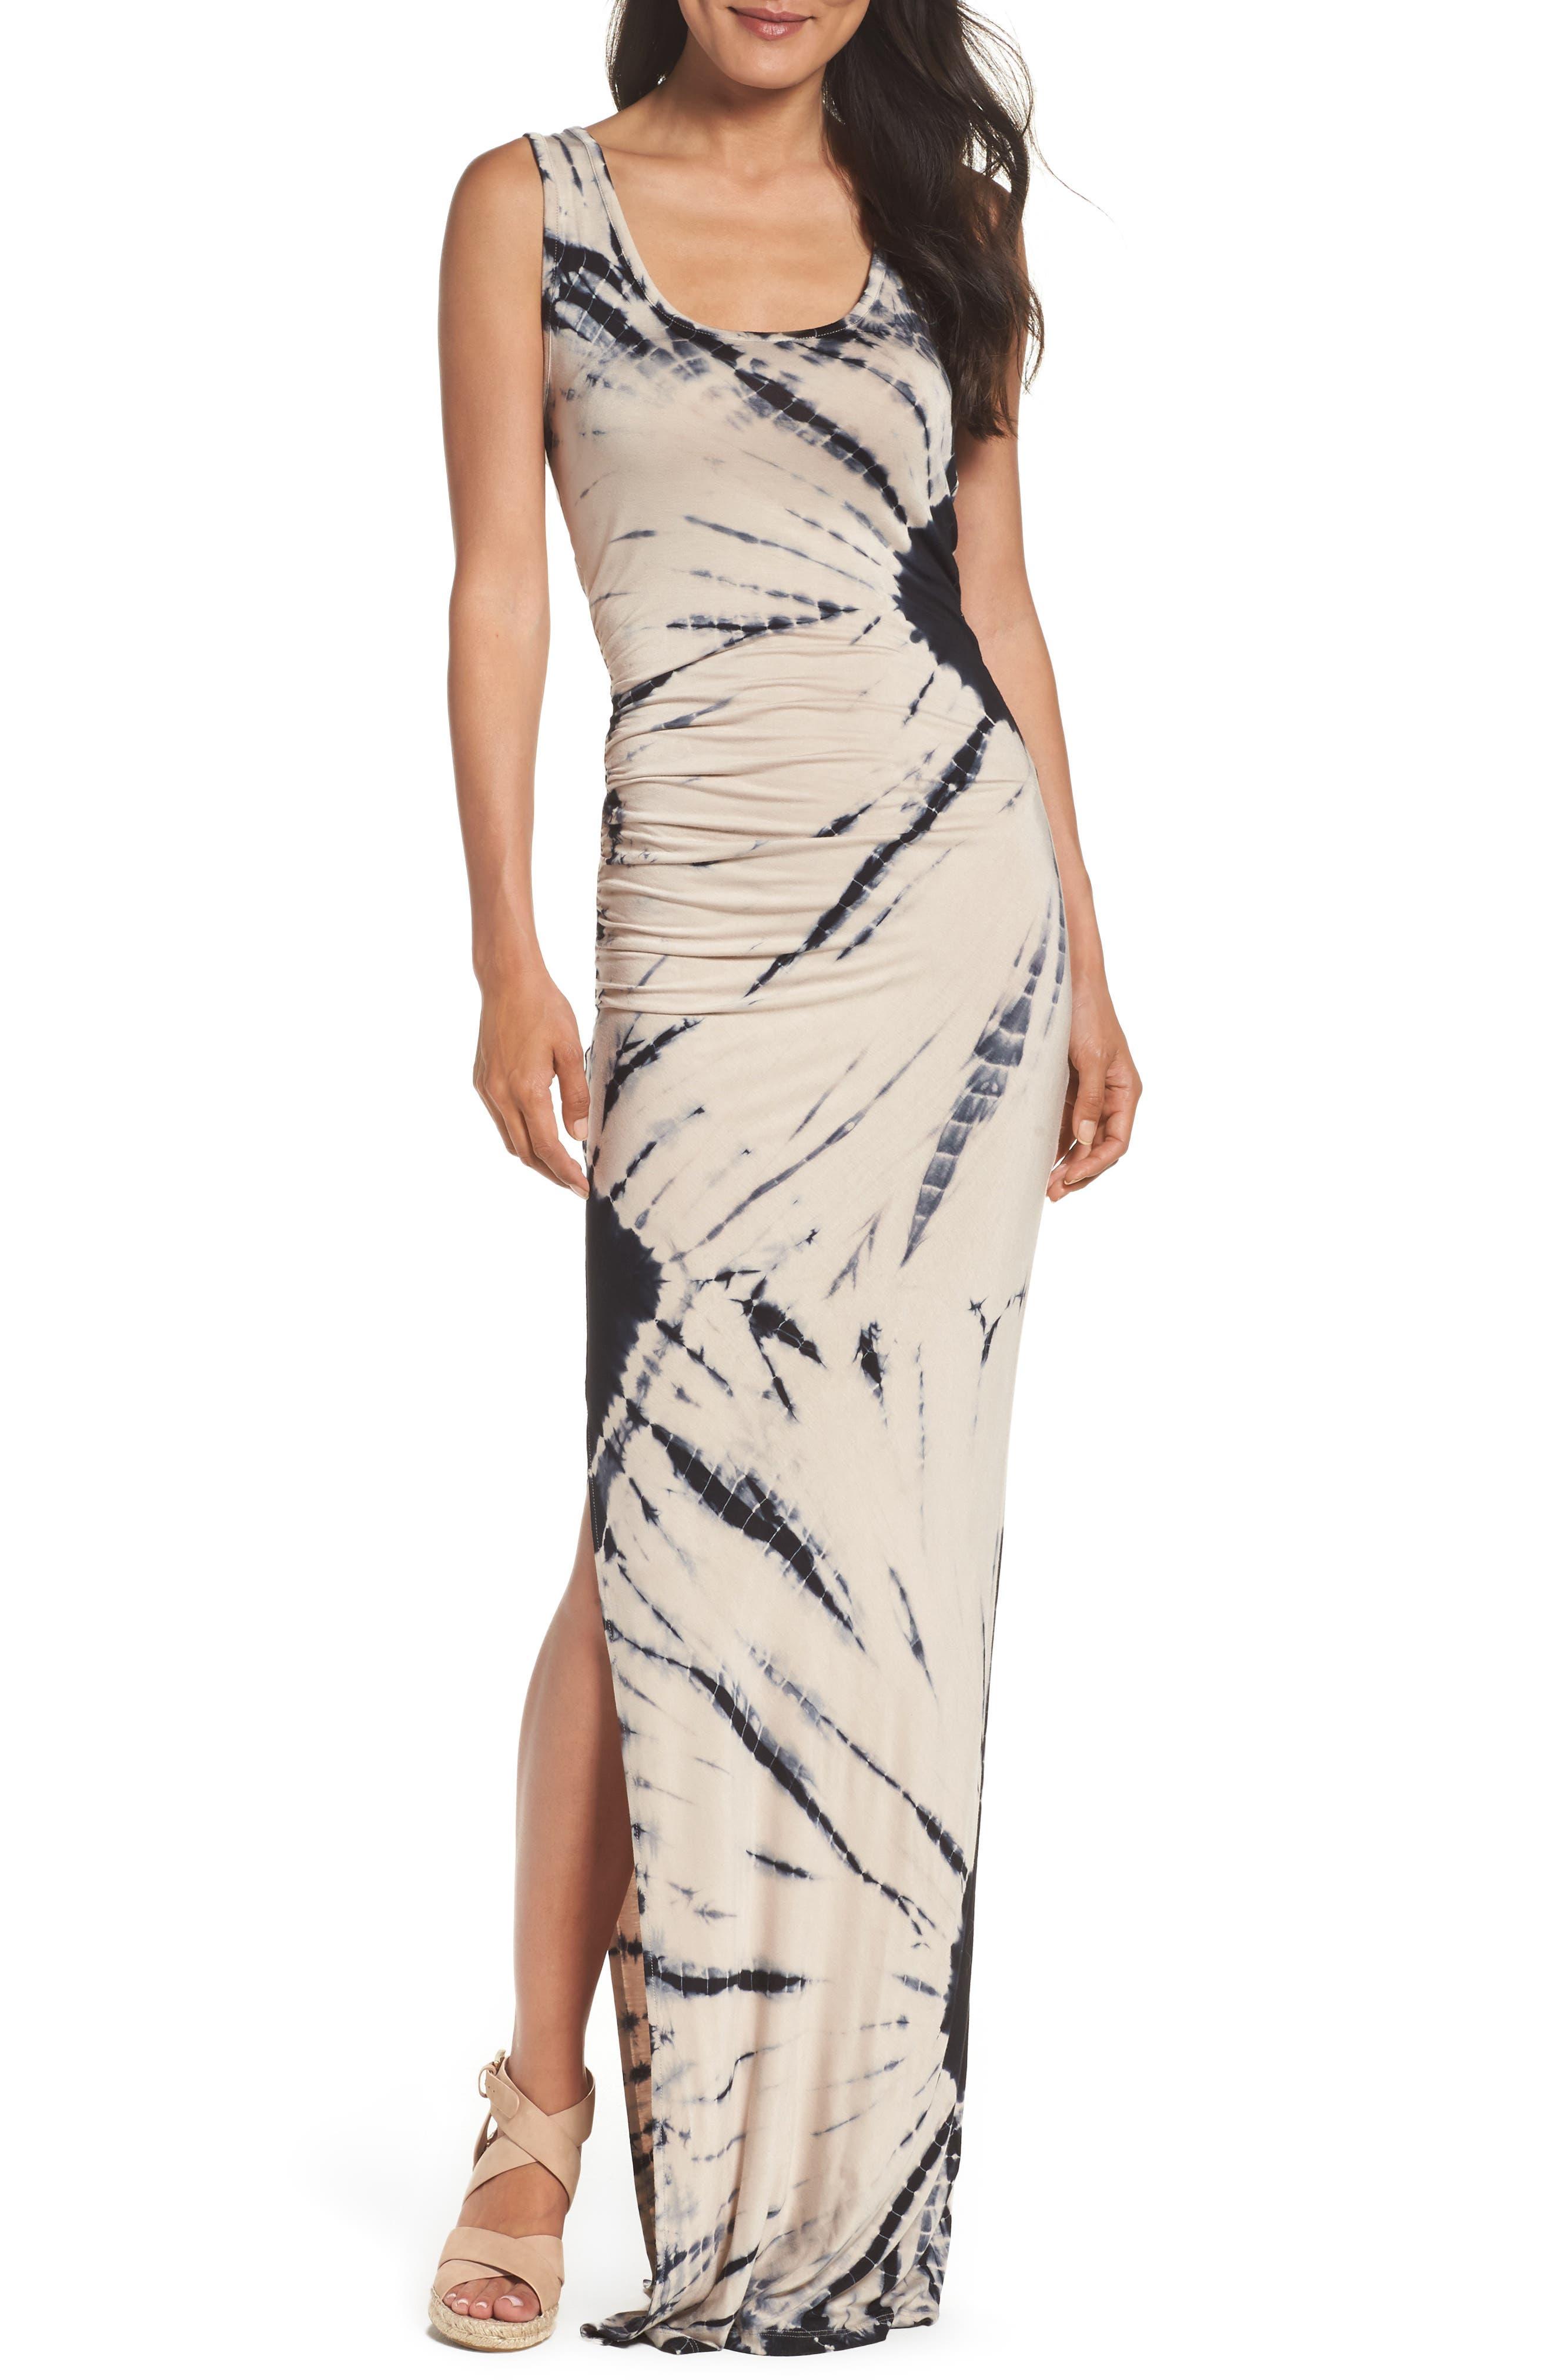 X cube 2 color dress